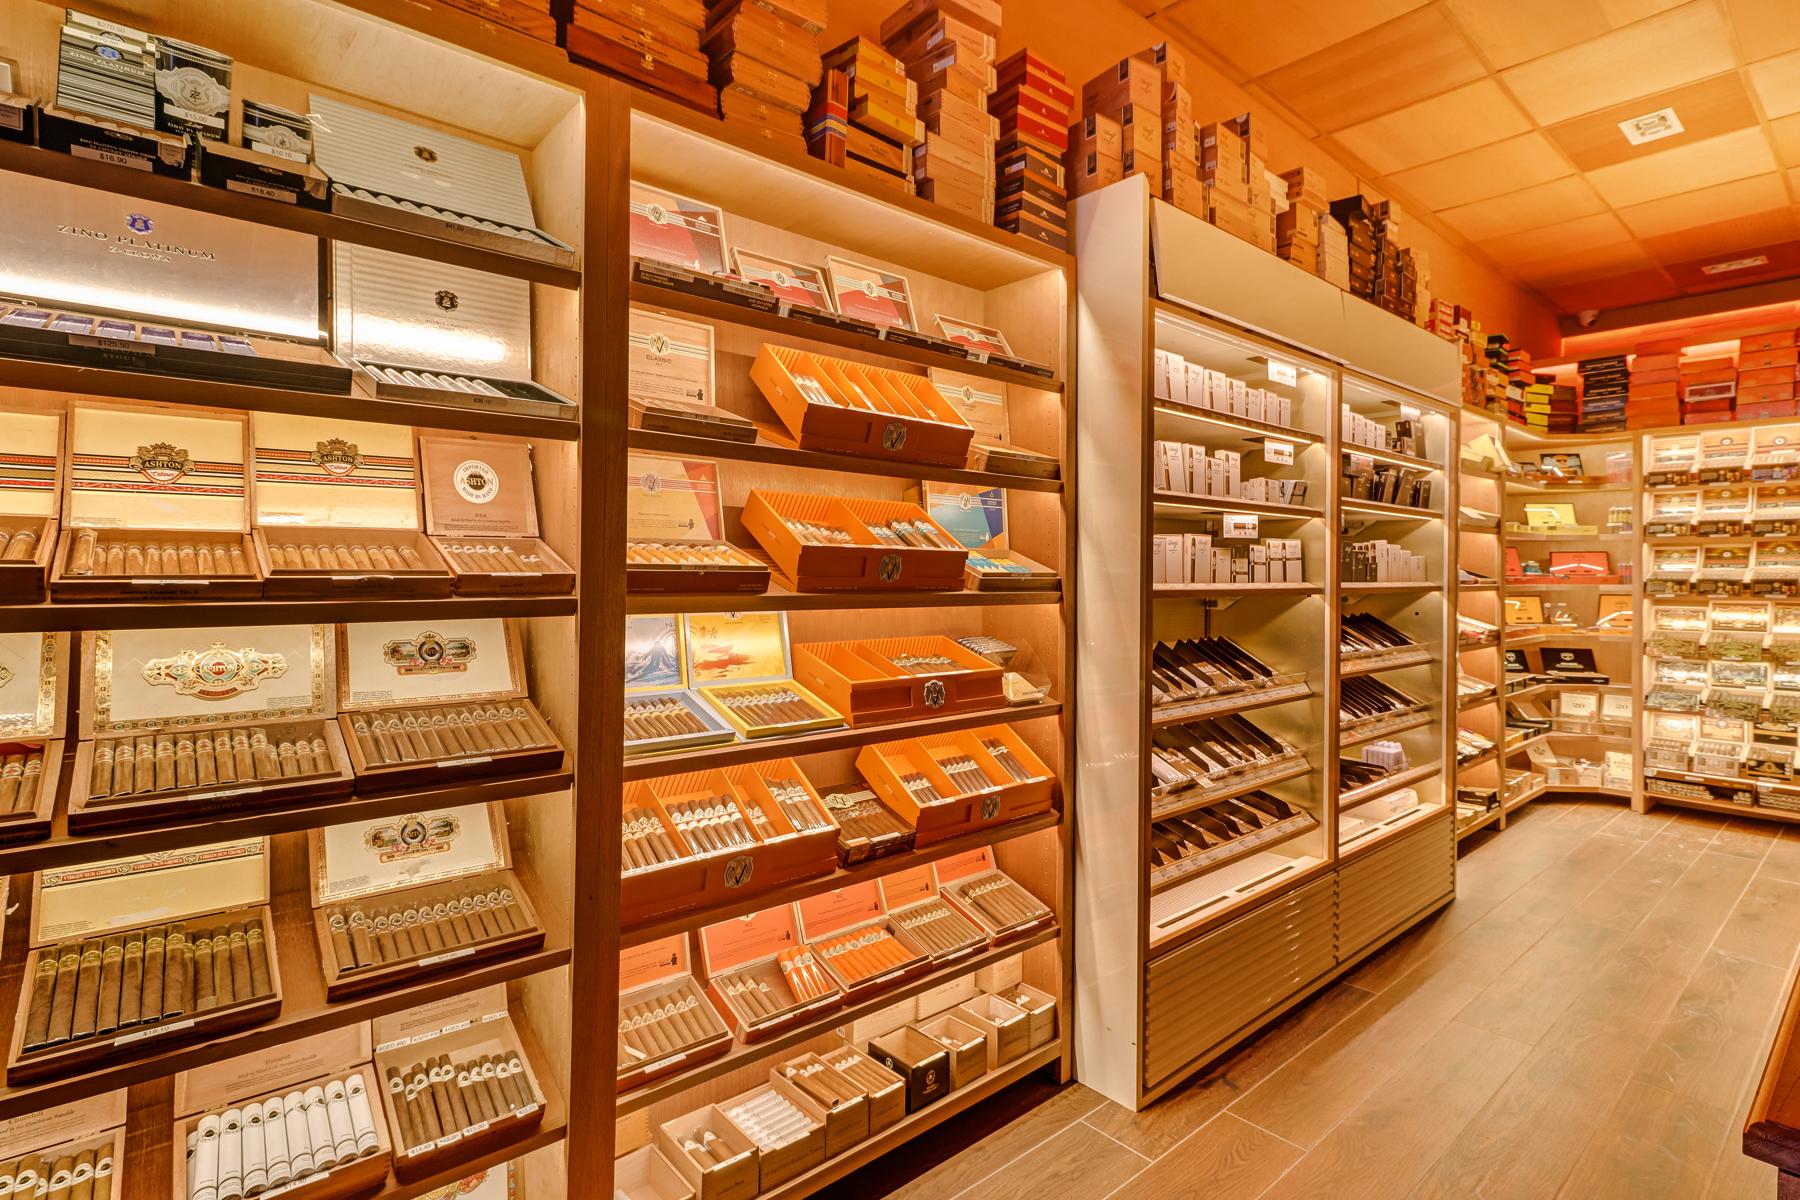 Close-up of cigar shelves